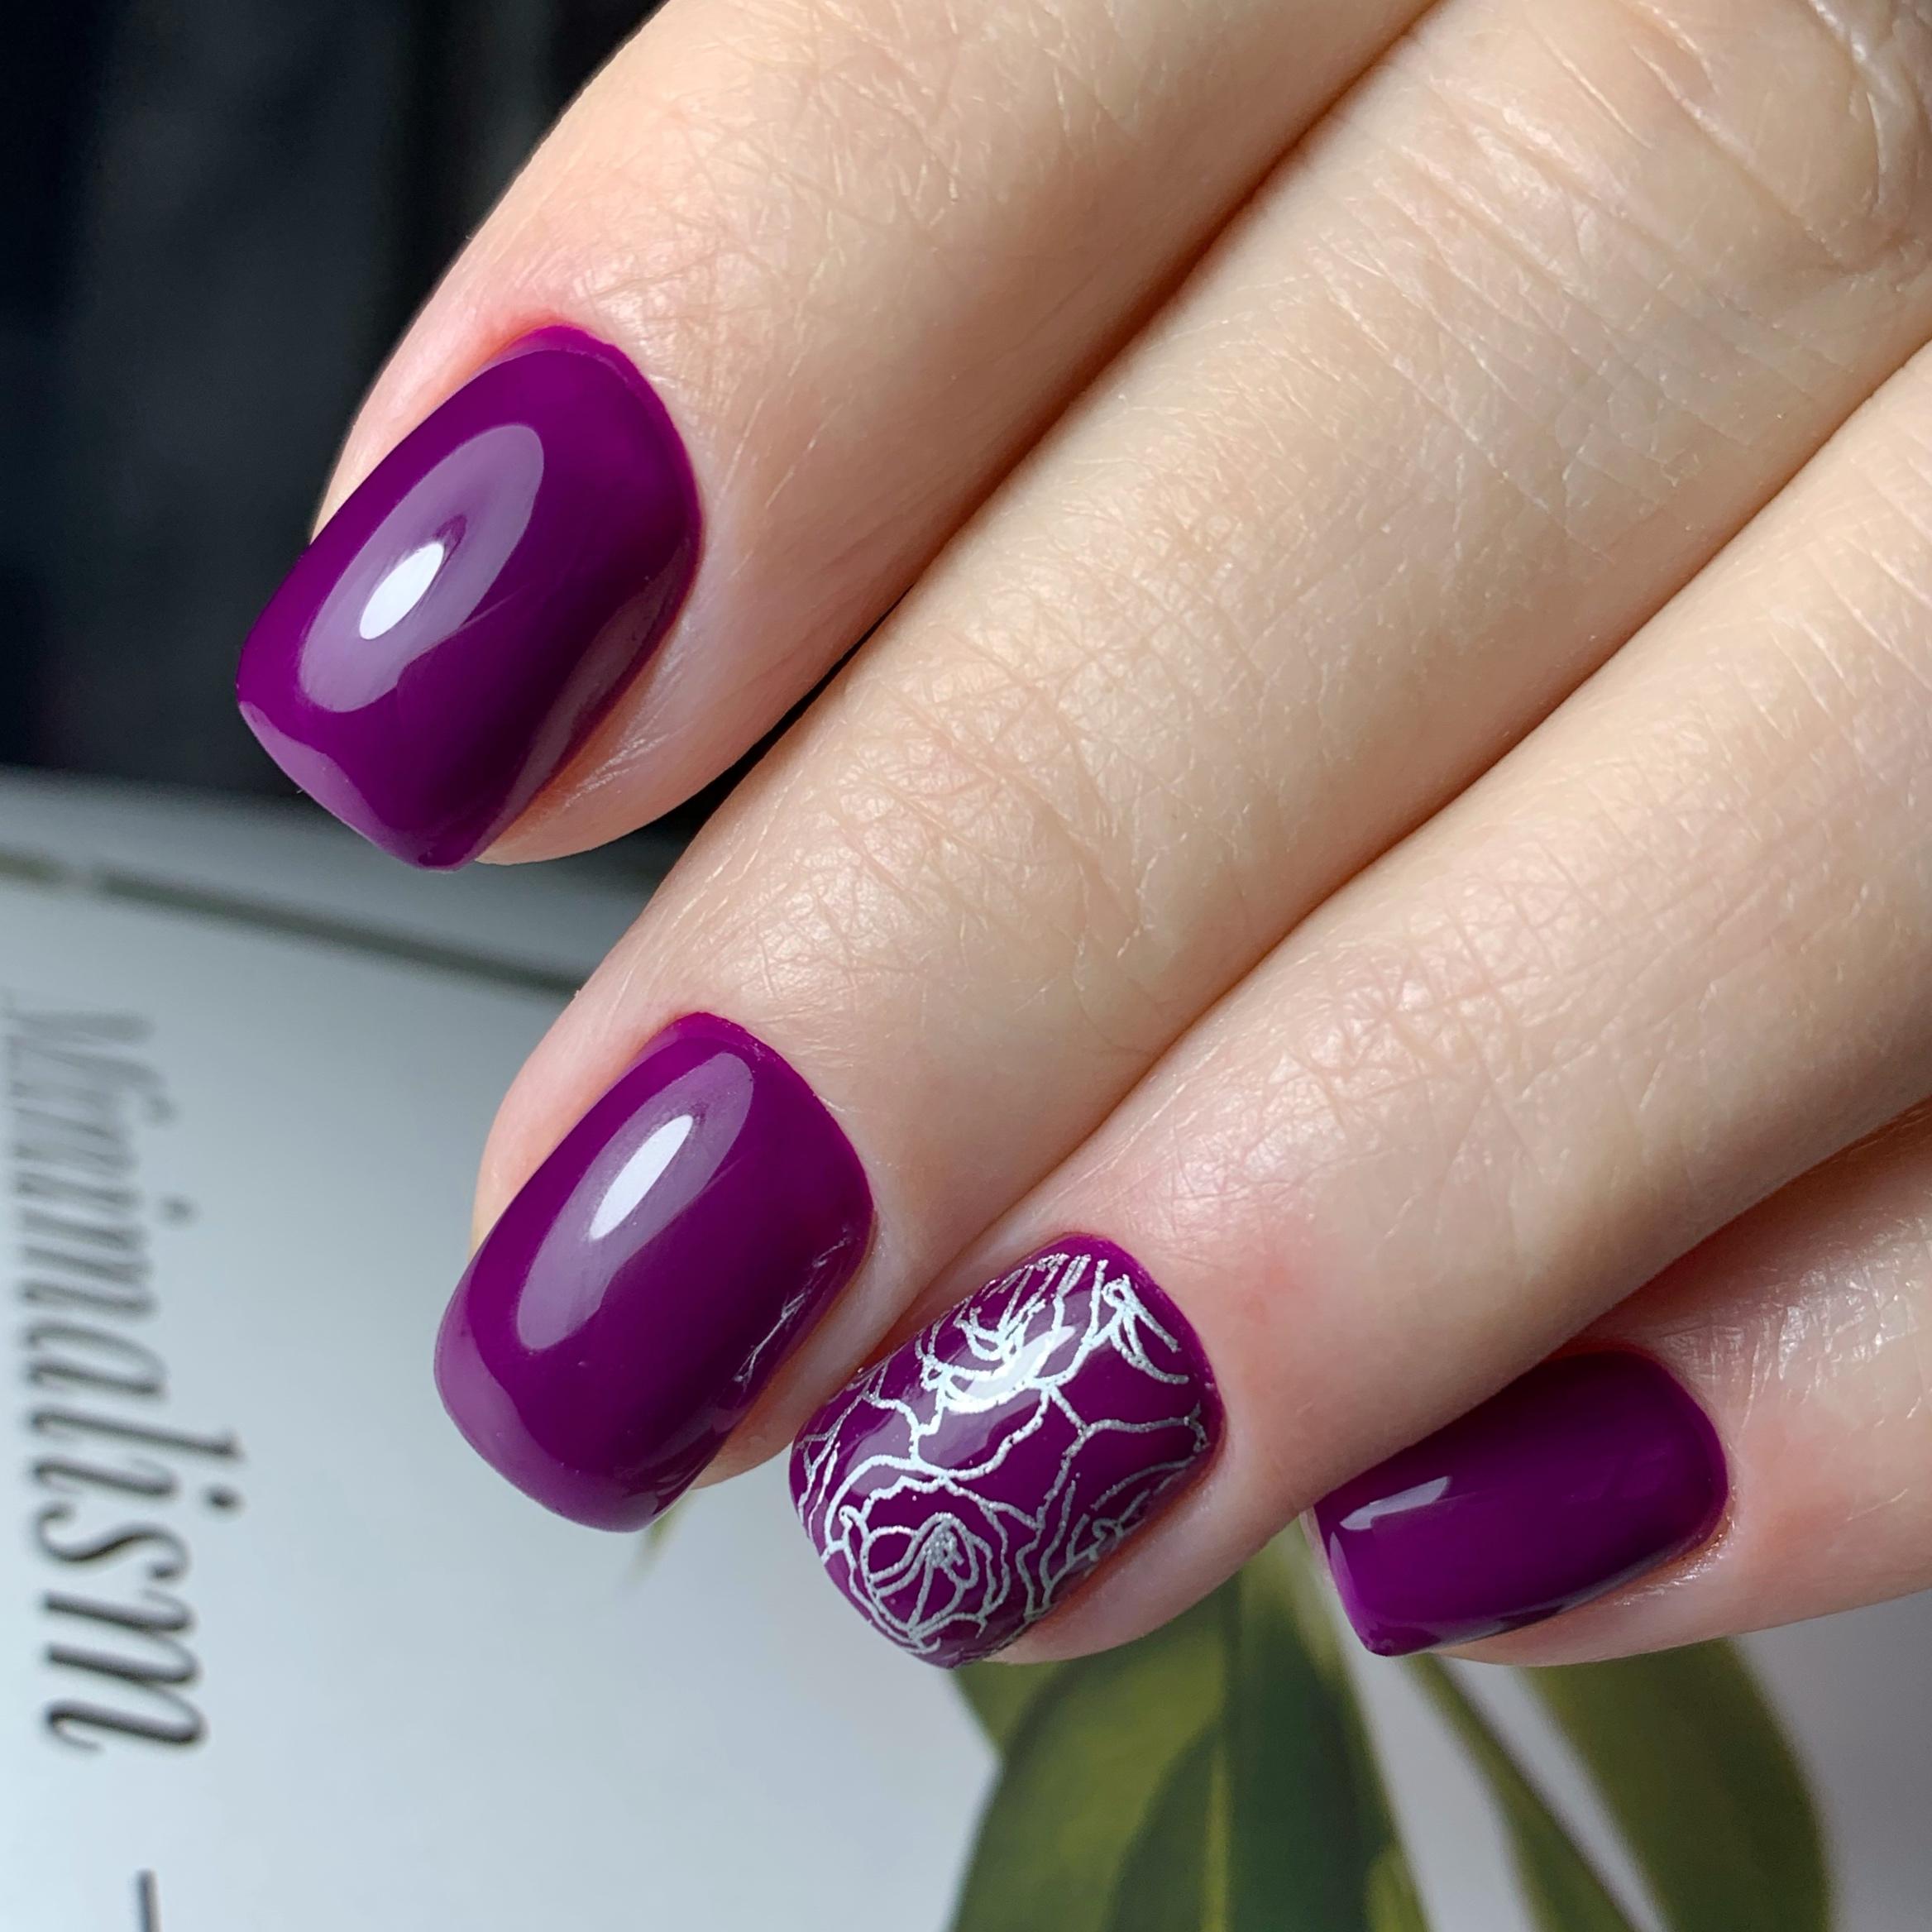 Маникюр с цветочным стемпингом в баклажановом цвете на короткие ногти.